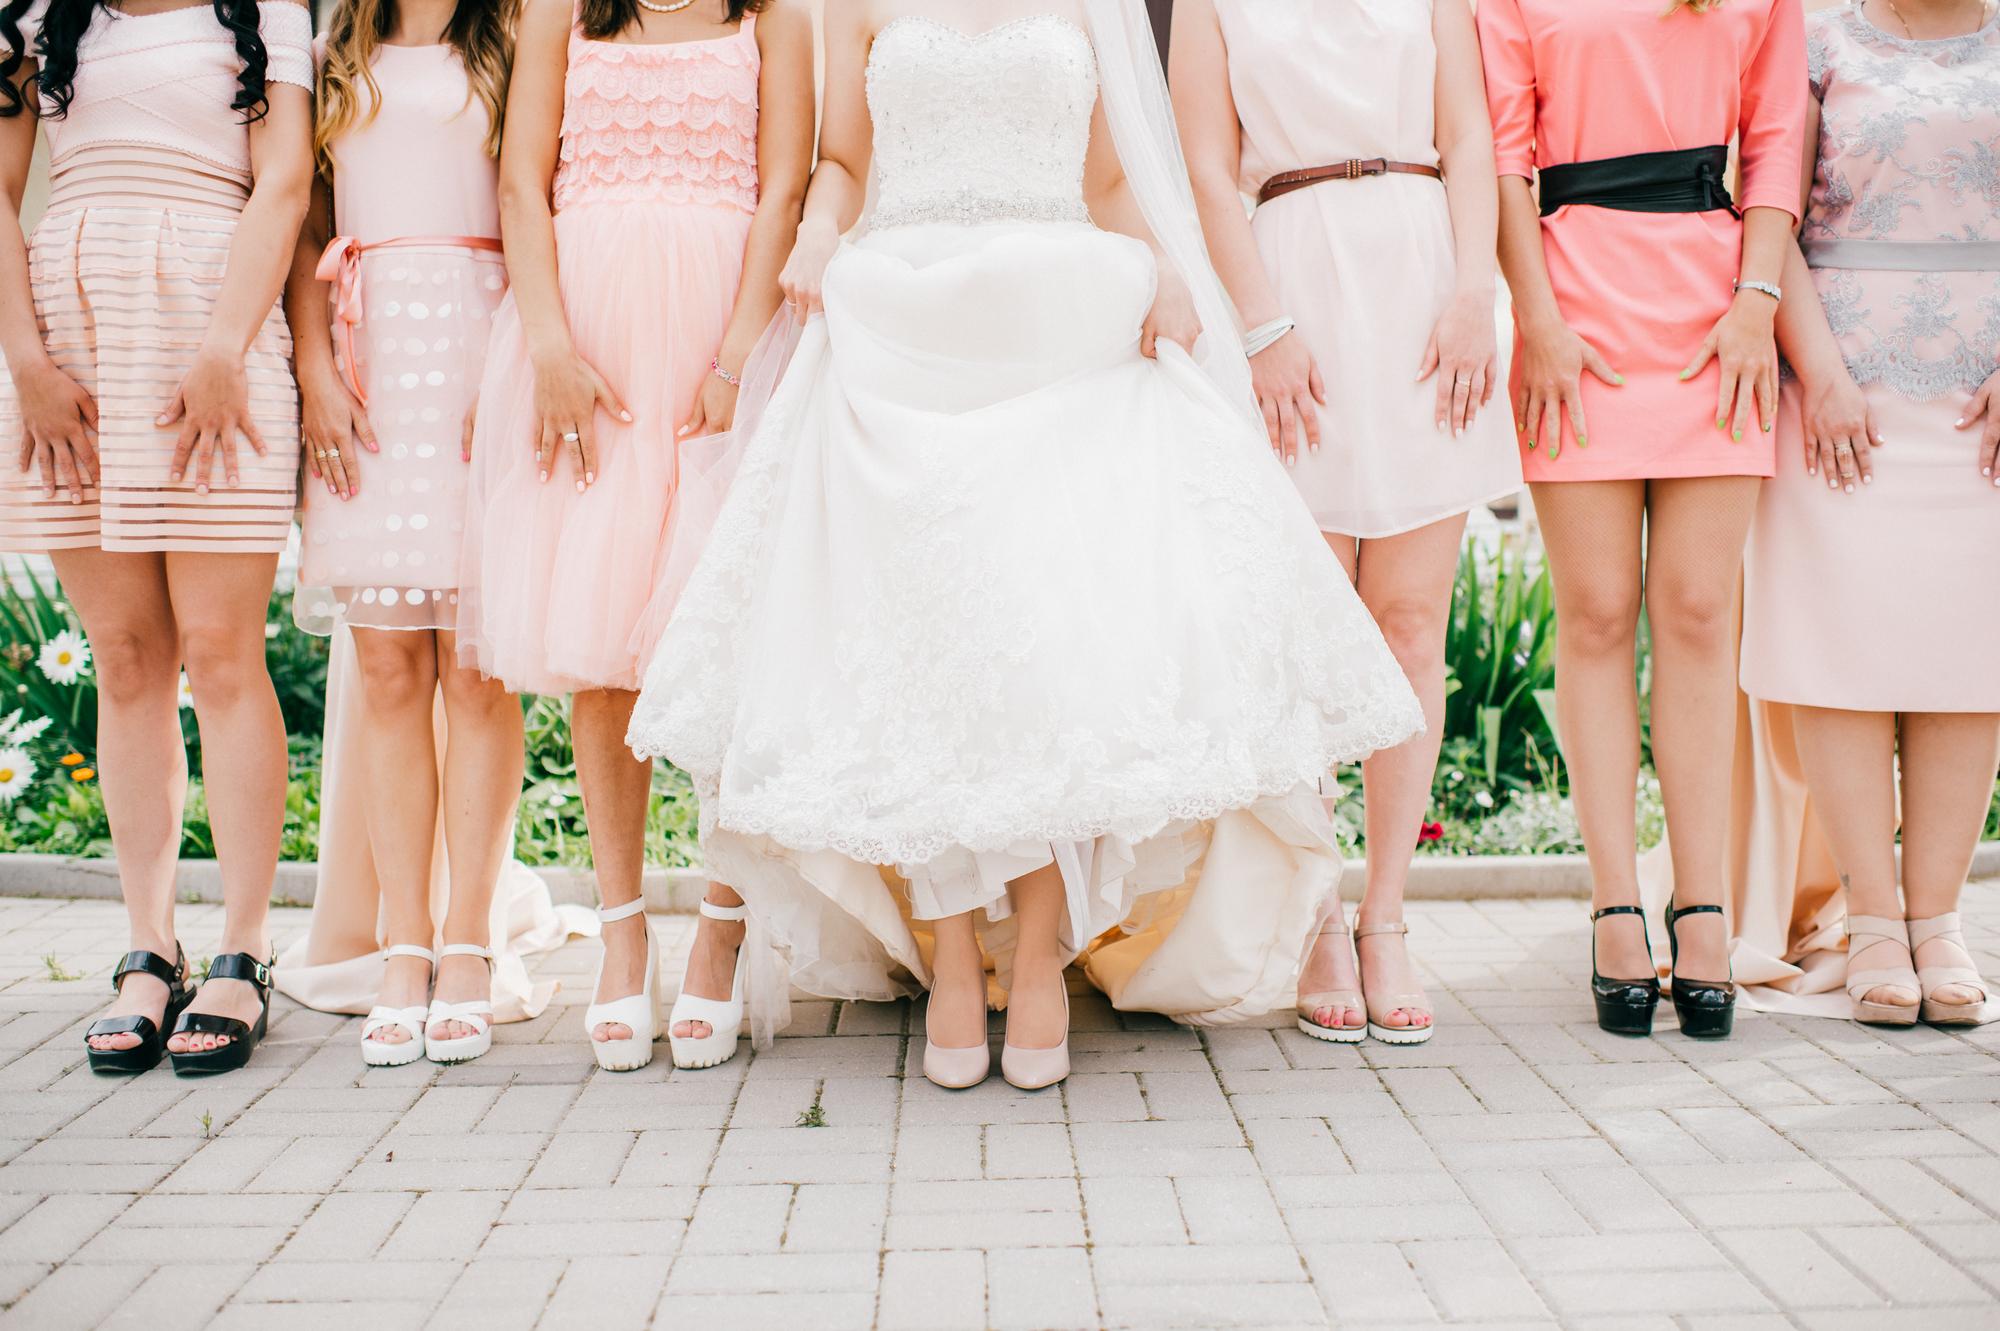 Consigli per l'outfit da matrimonio per l'invitato: quali colori evitare